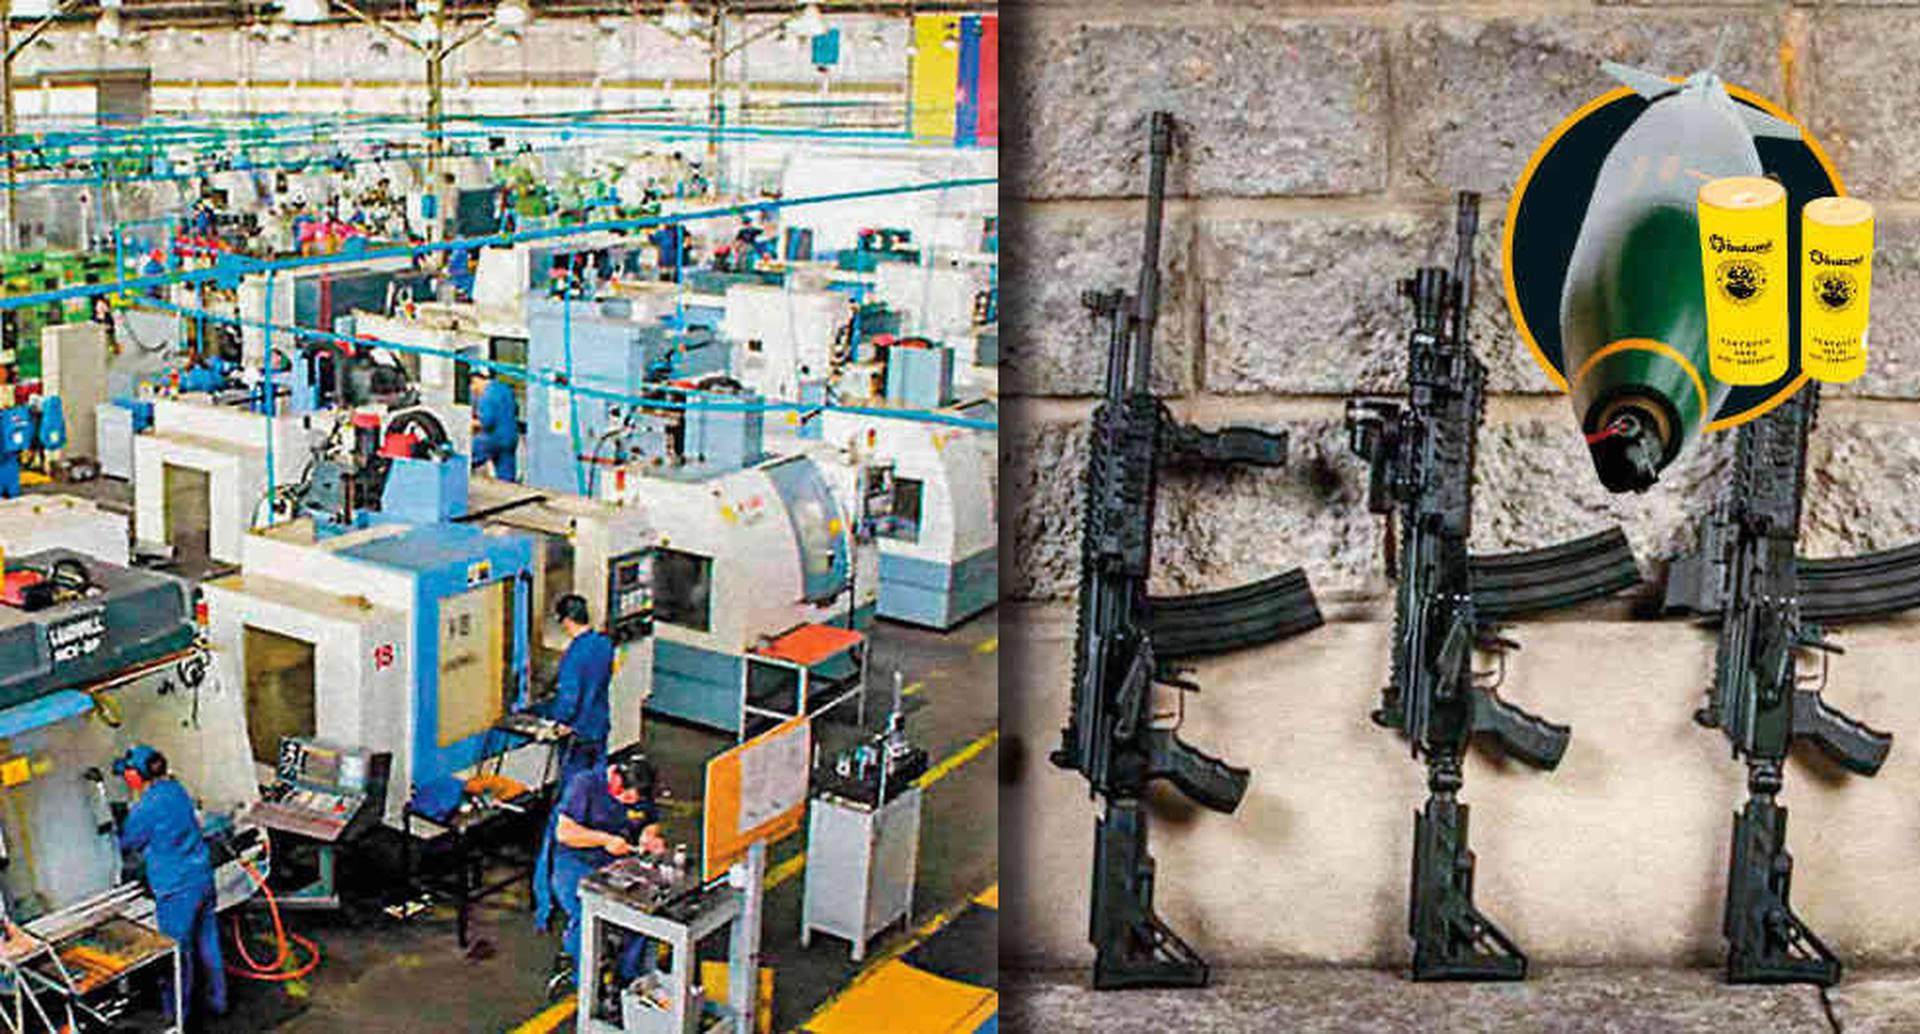 La Industria Militar Colombiana (Indumil) tiene tres fábricas en las que desarrolla armas, explosivos y municiones. Han exportado con éxito los fusiles Galil Córdova y las bombas MK 82.